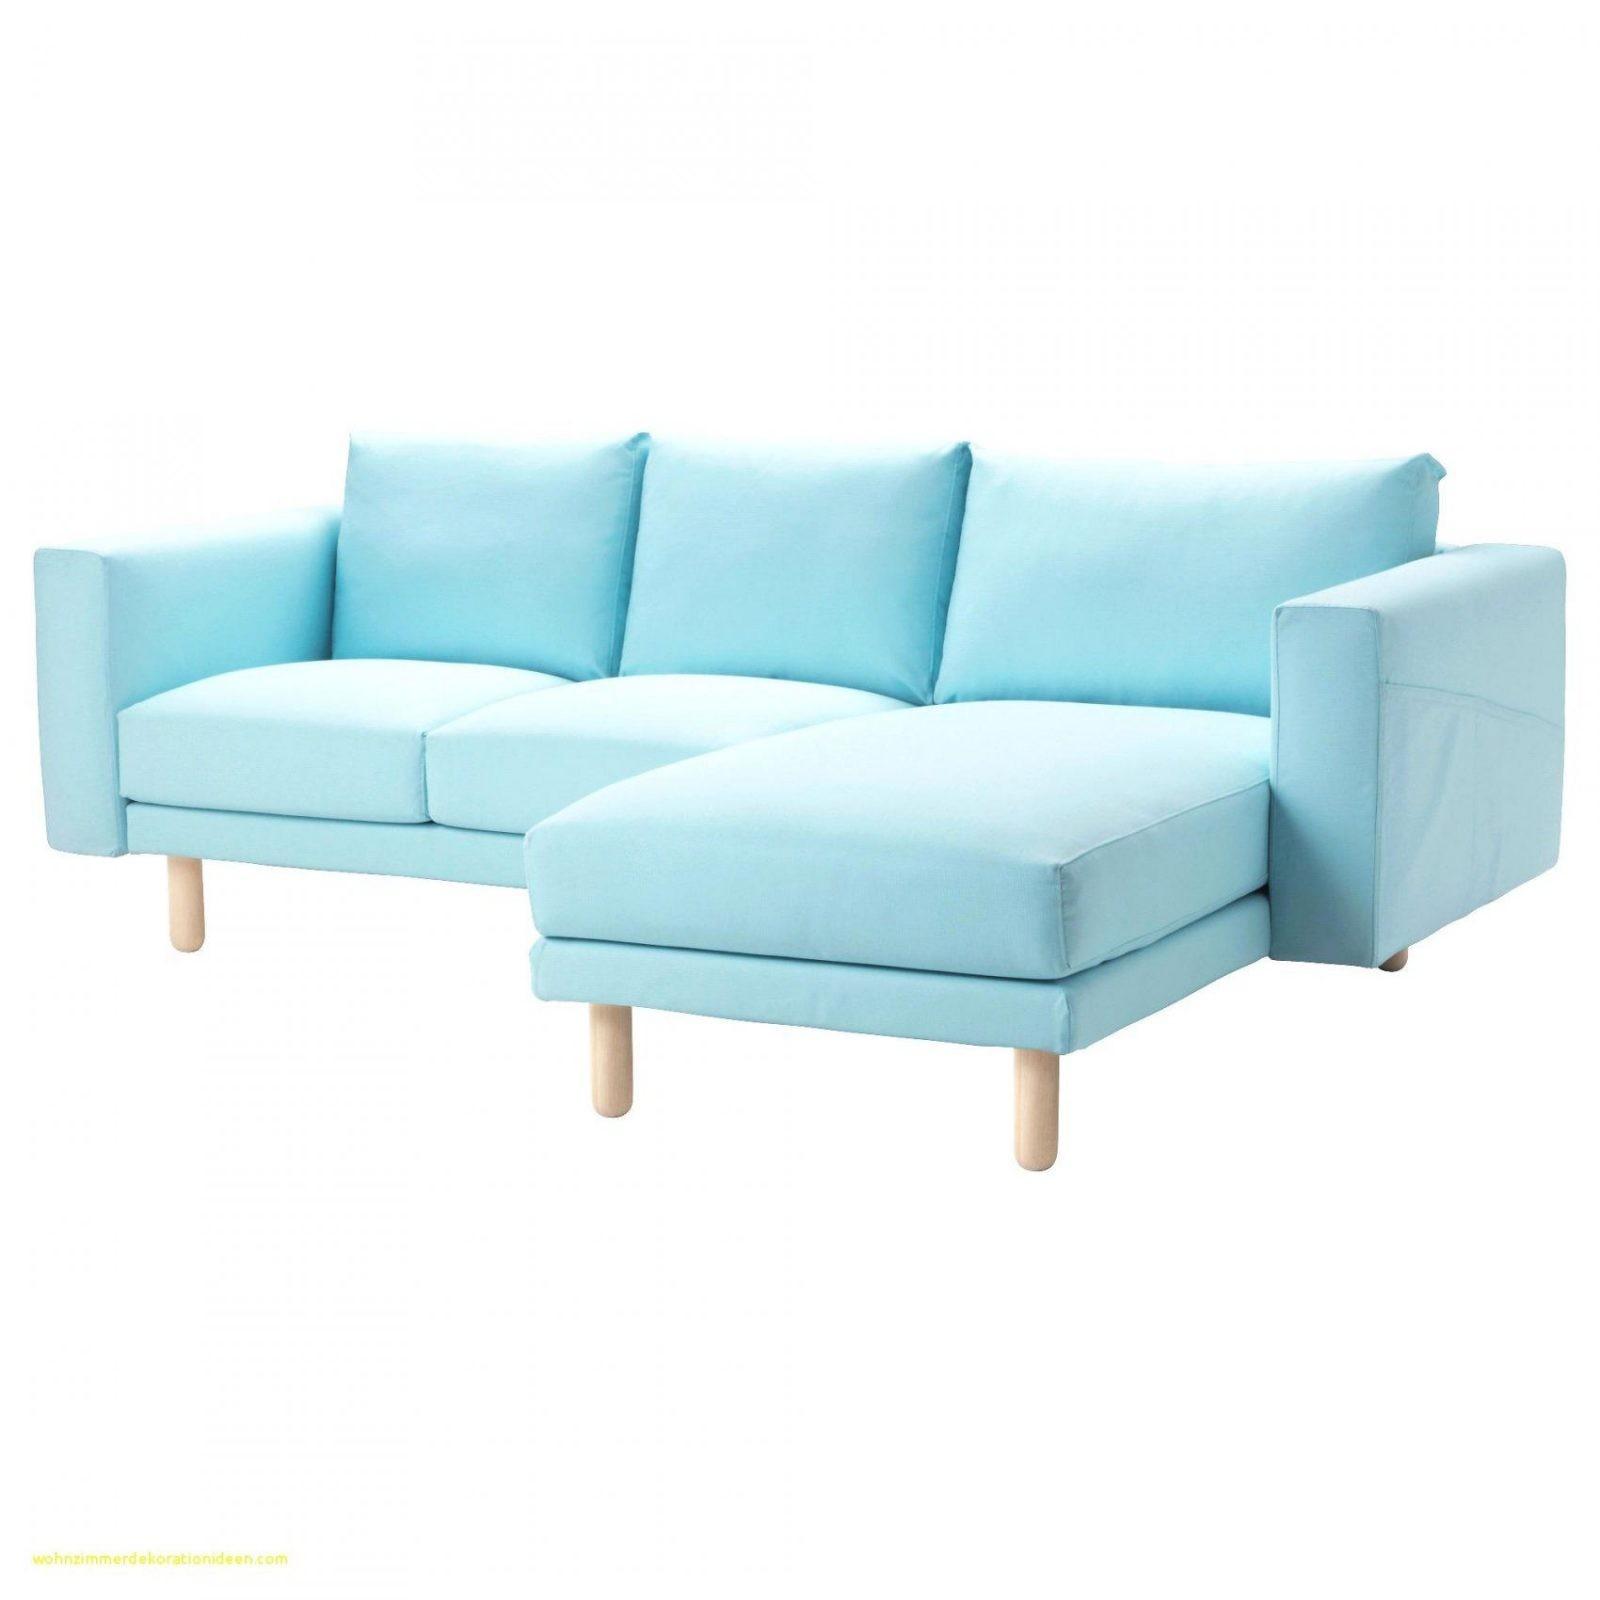 Sofahussen Ikea Luxury Sessel Bezug Grüne Sofahussen & Sofabezüge von Sofa Hussen Günstig Kaufen Photo